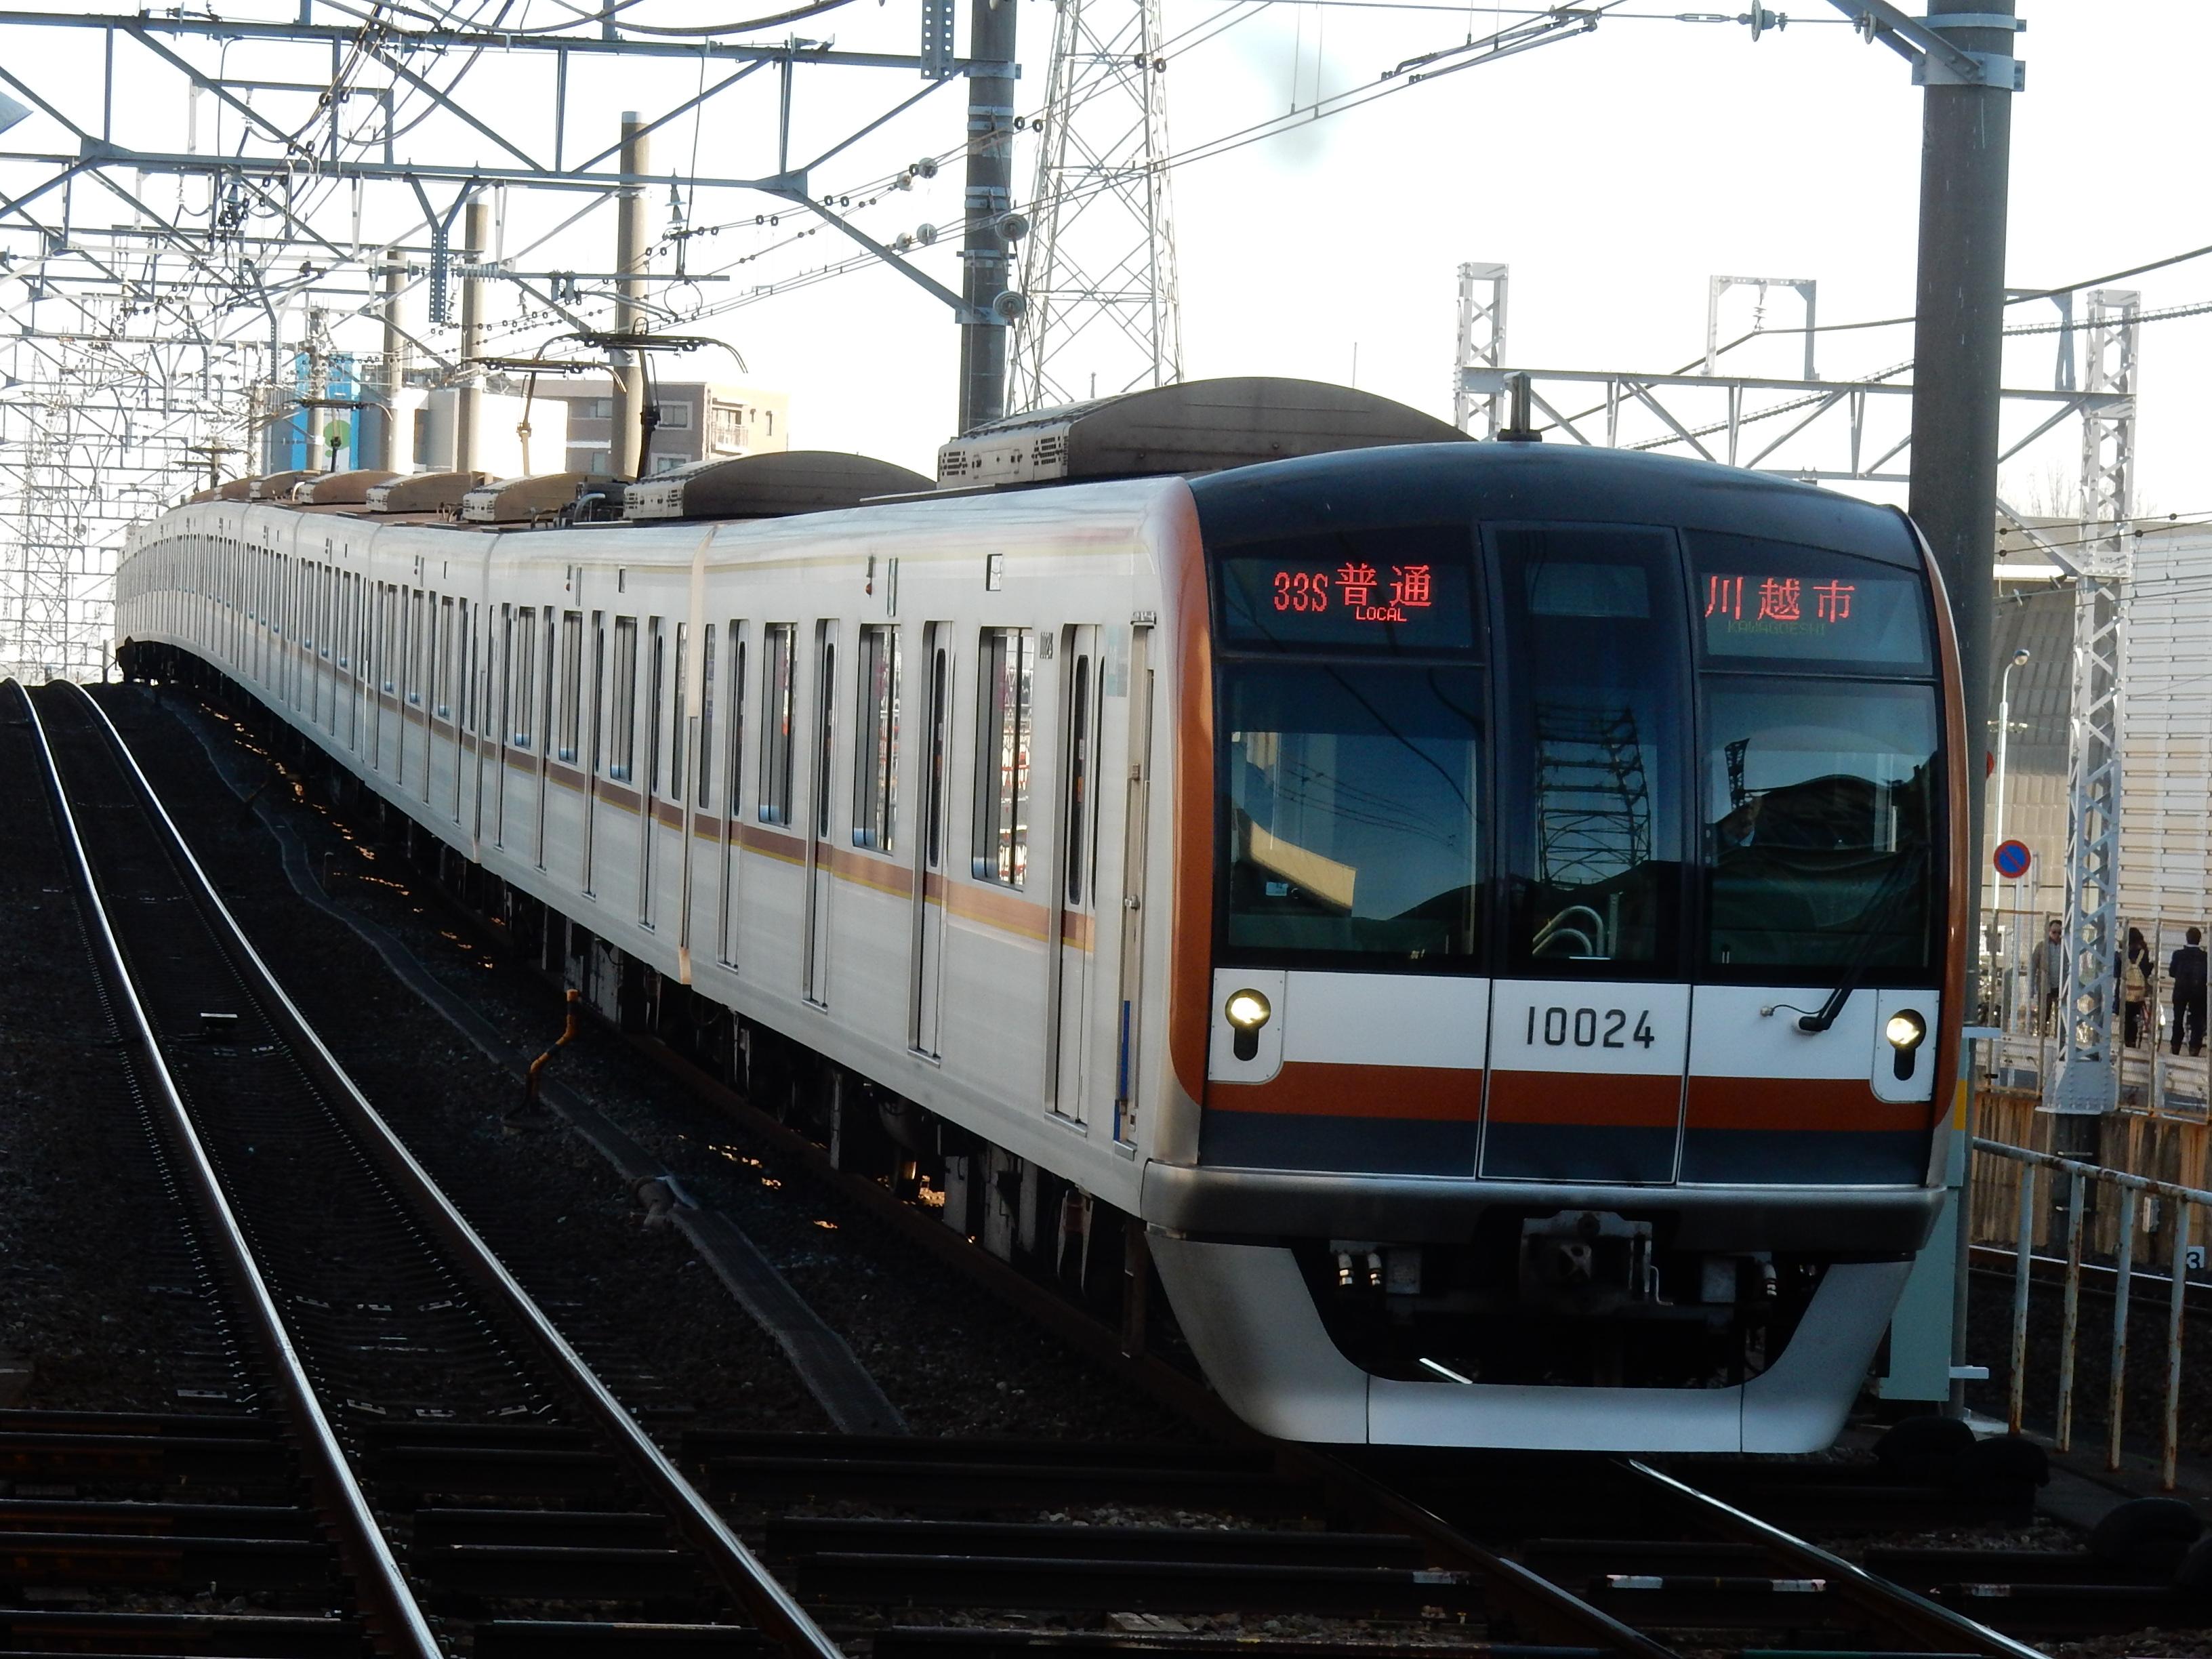 DSCN9710.jpg